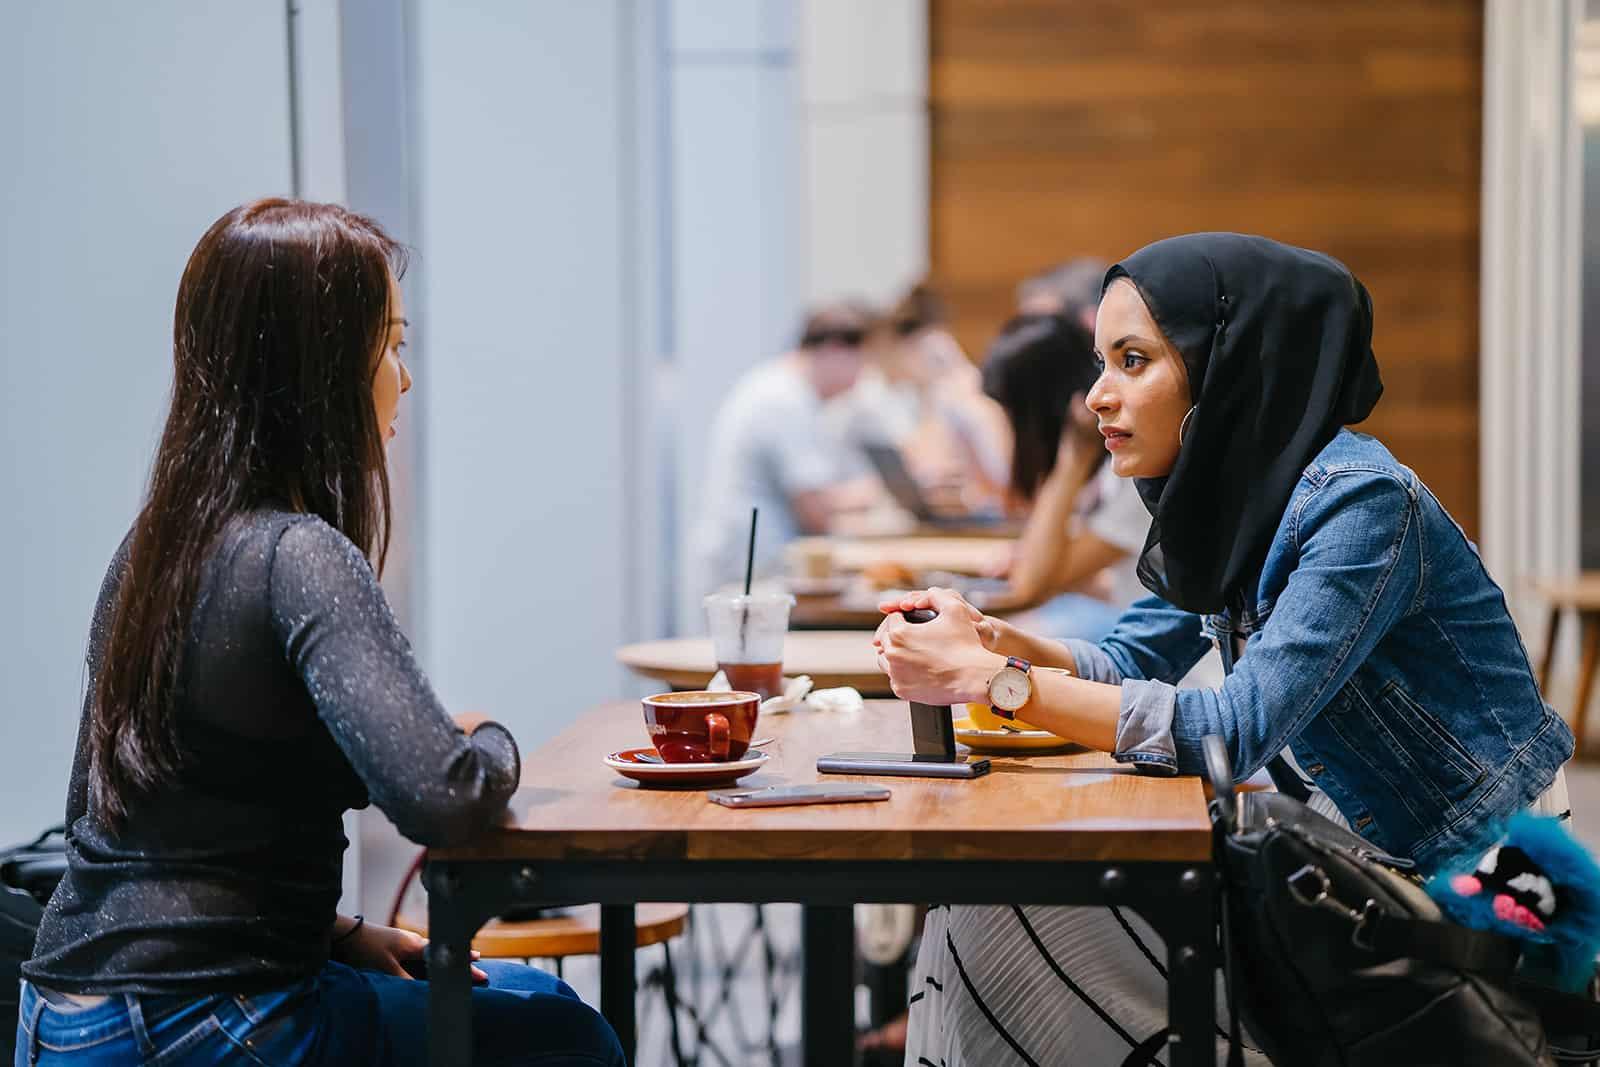 Zwei Frauen unterhalten sich ernsthaft im Café